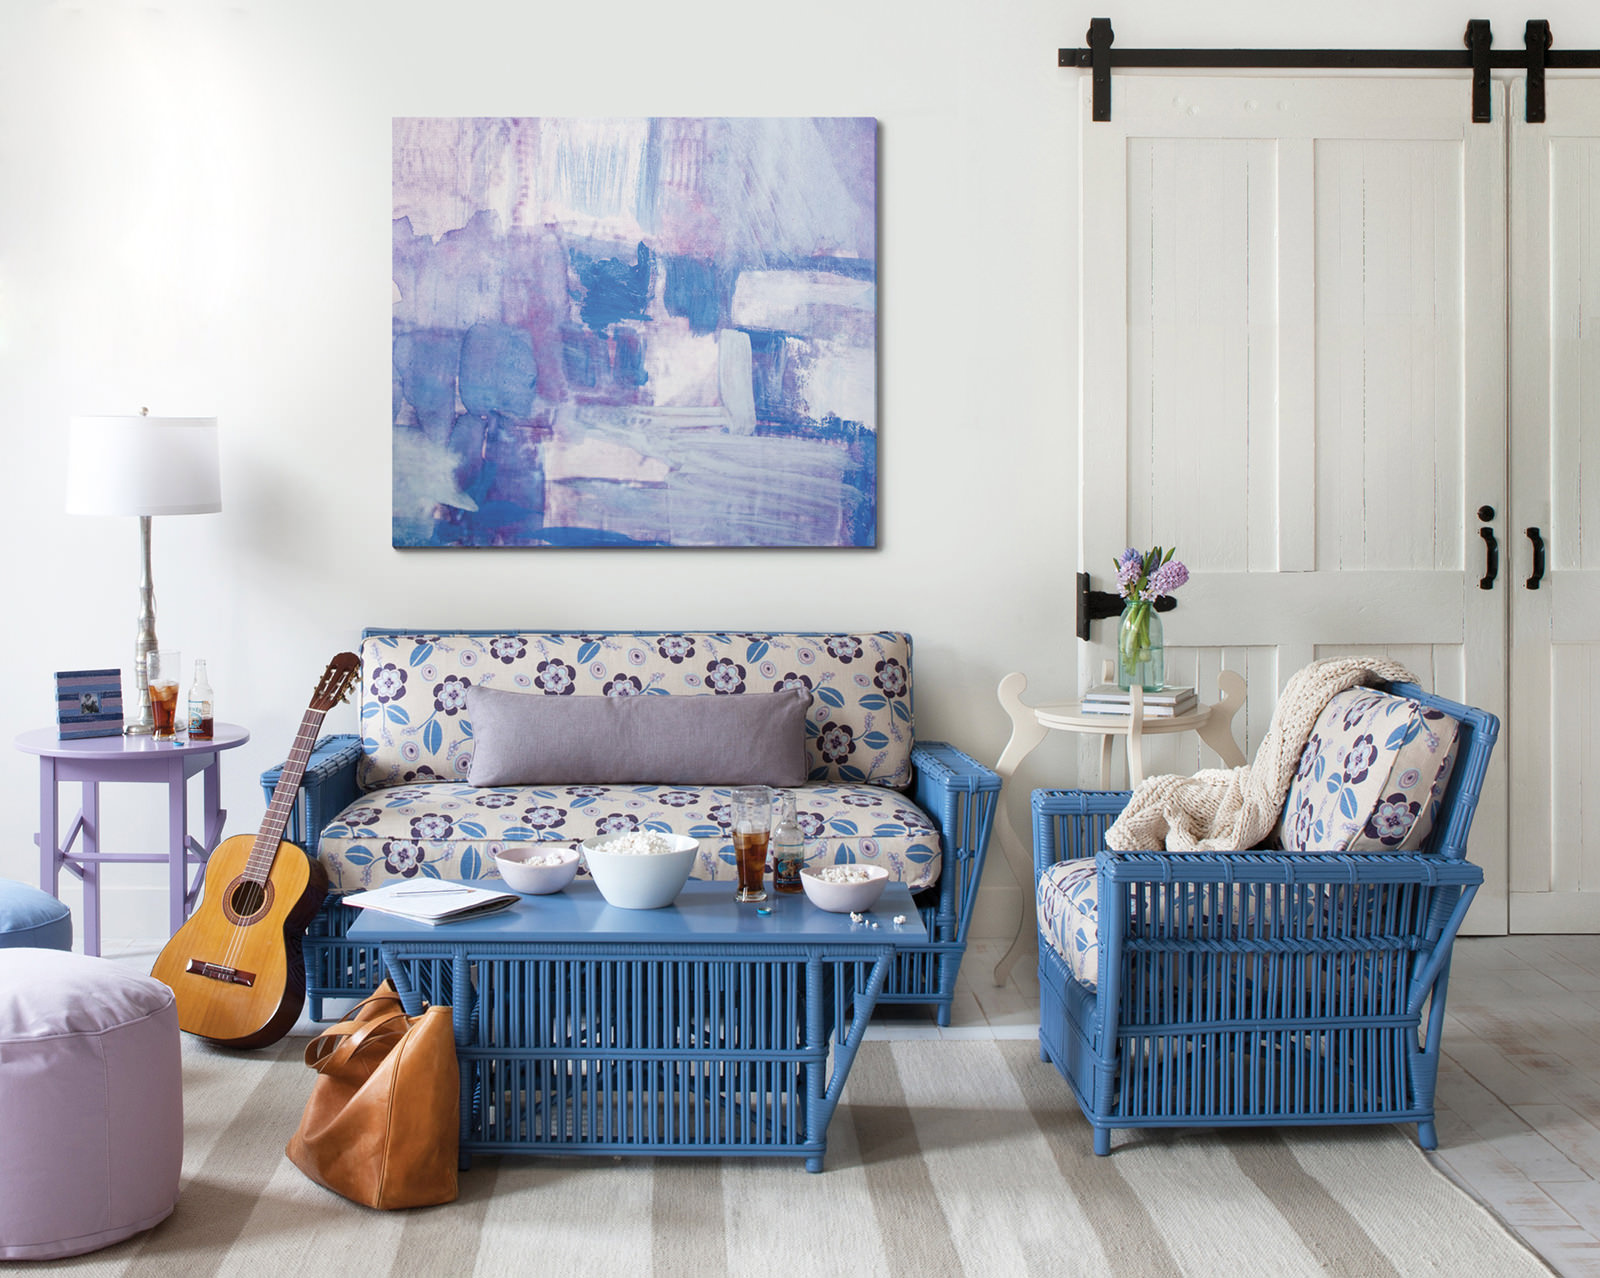 Синий, белый и сиреневый цвета в интерьере гостиной